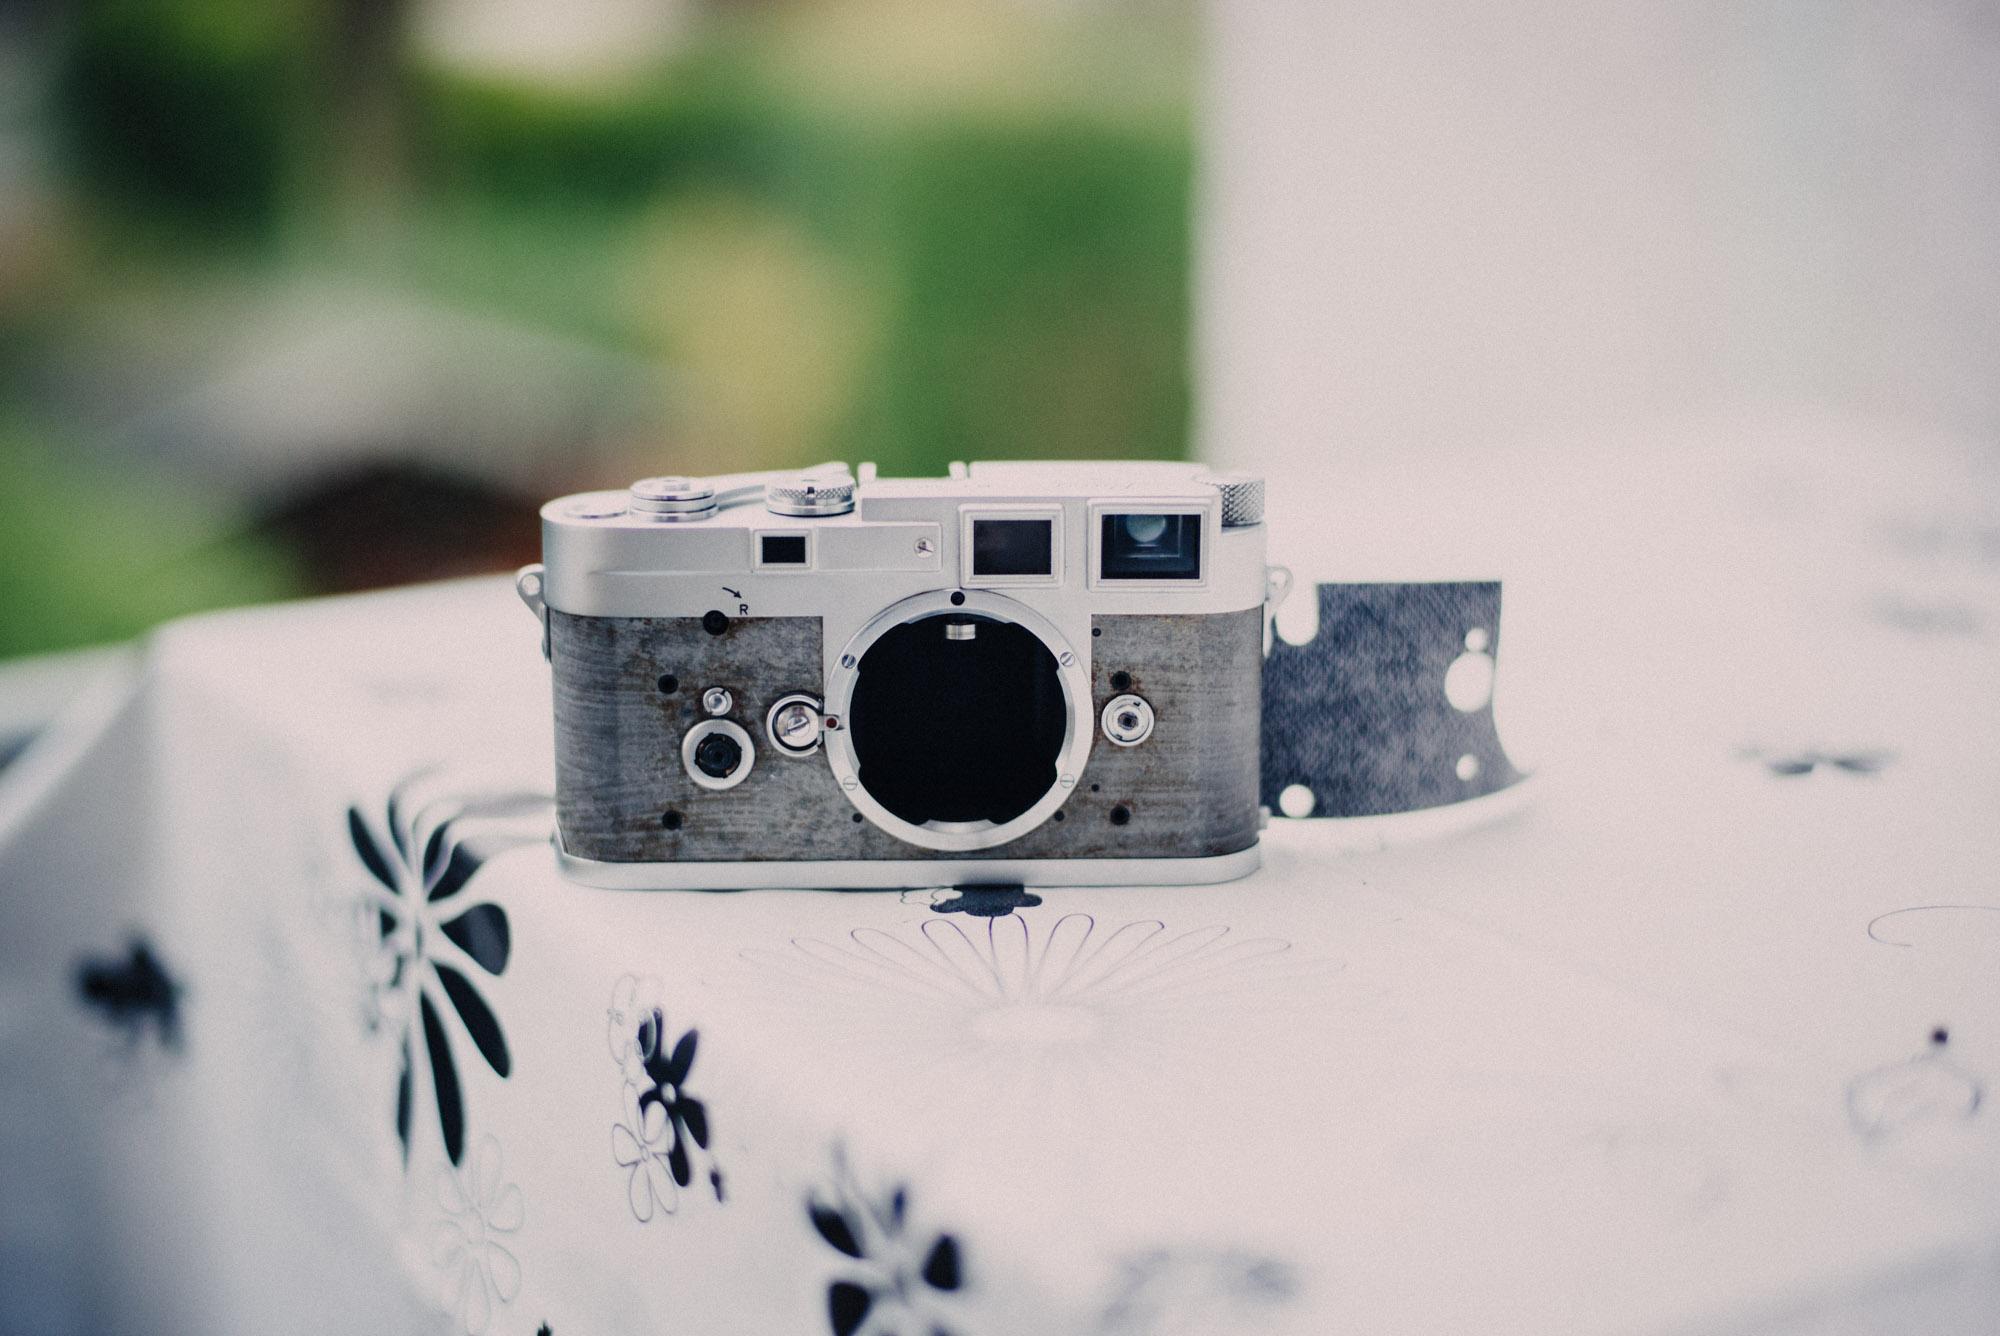 Leica M6 Entfernungsmesser Justieren : Christoph heinrich » fotografie reinigung und reparatur einer leica m3